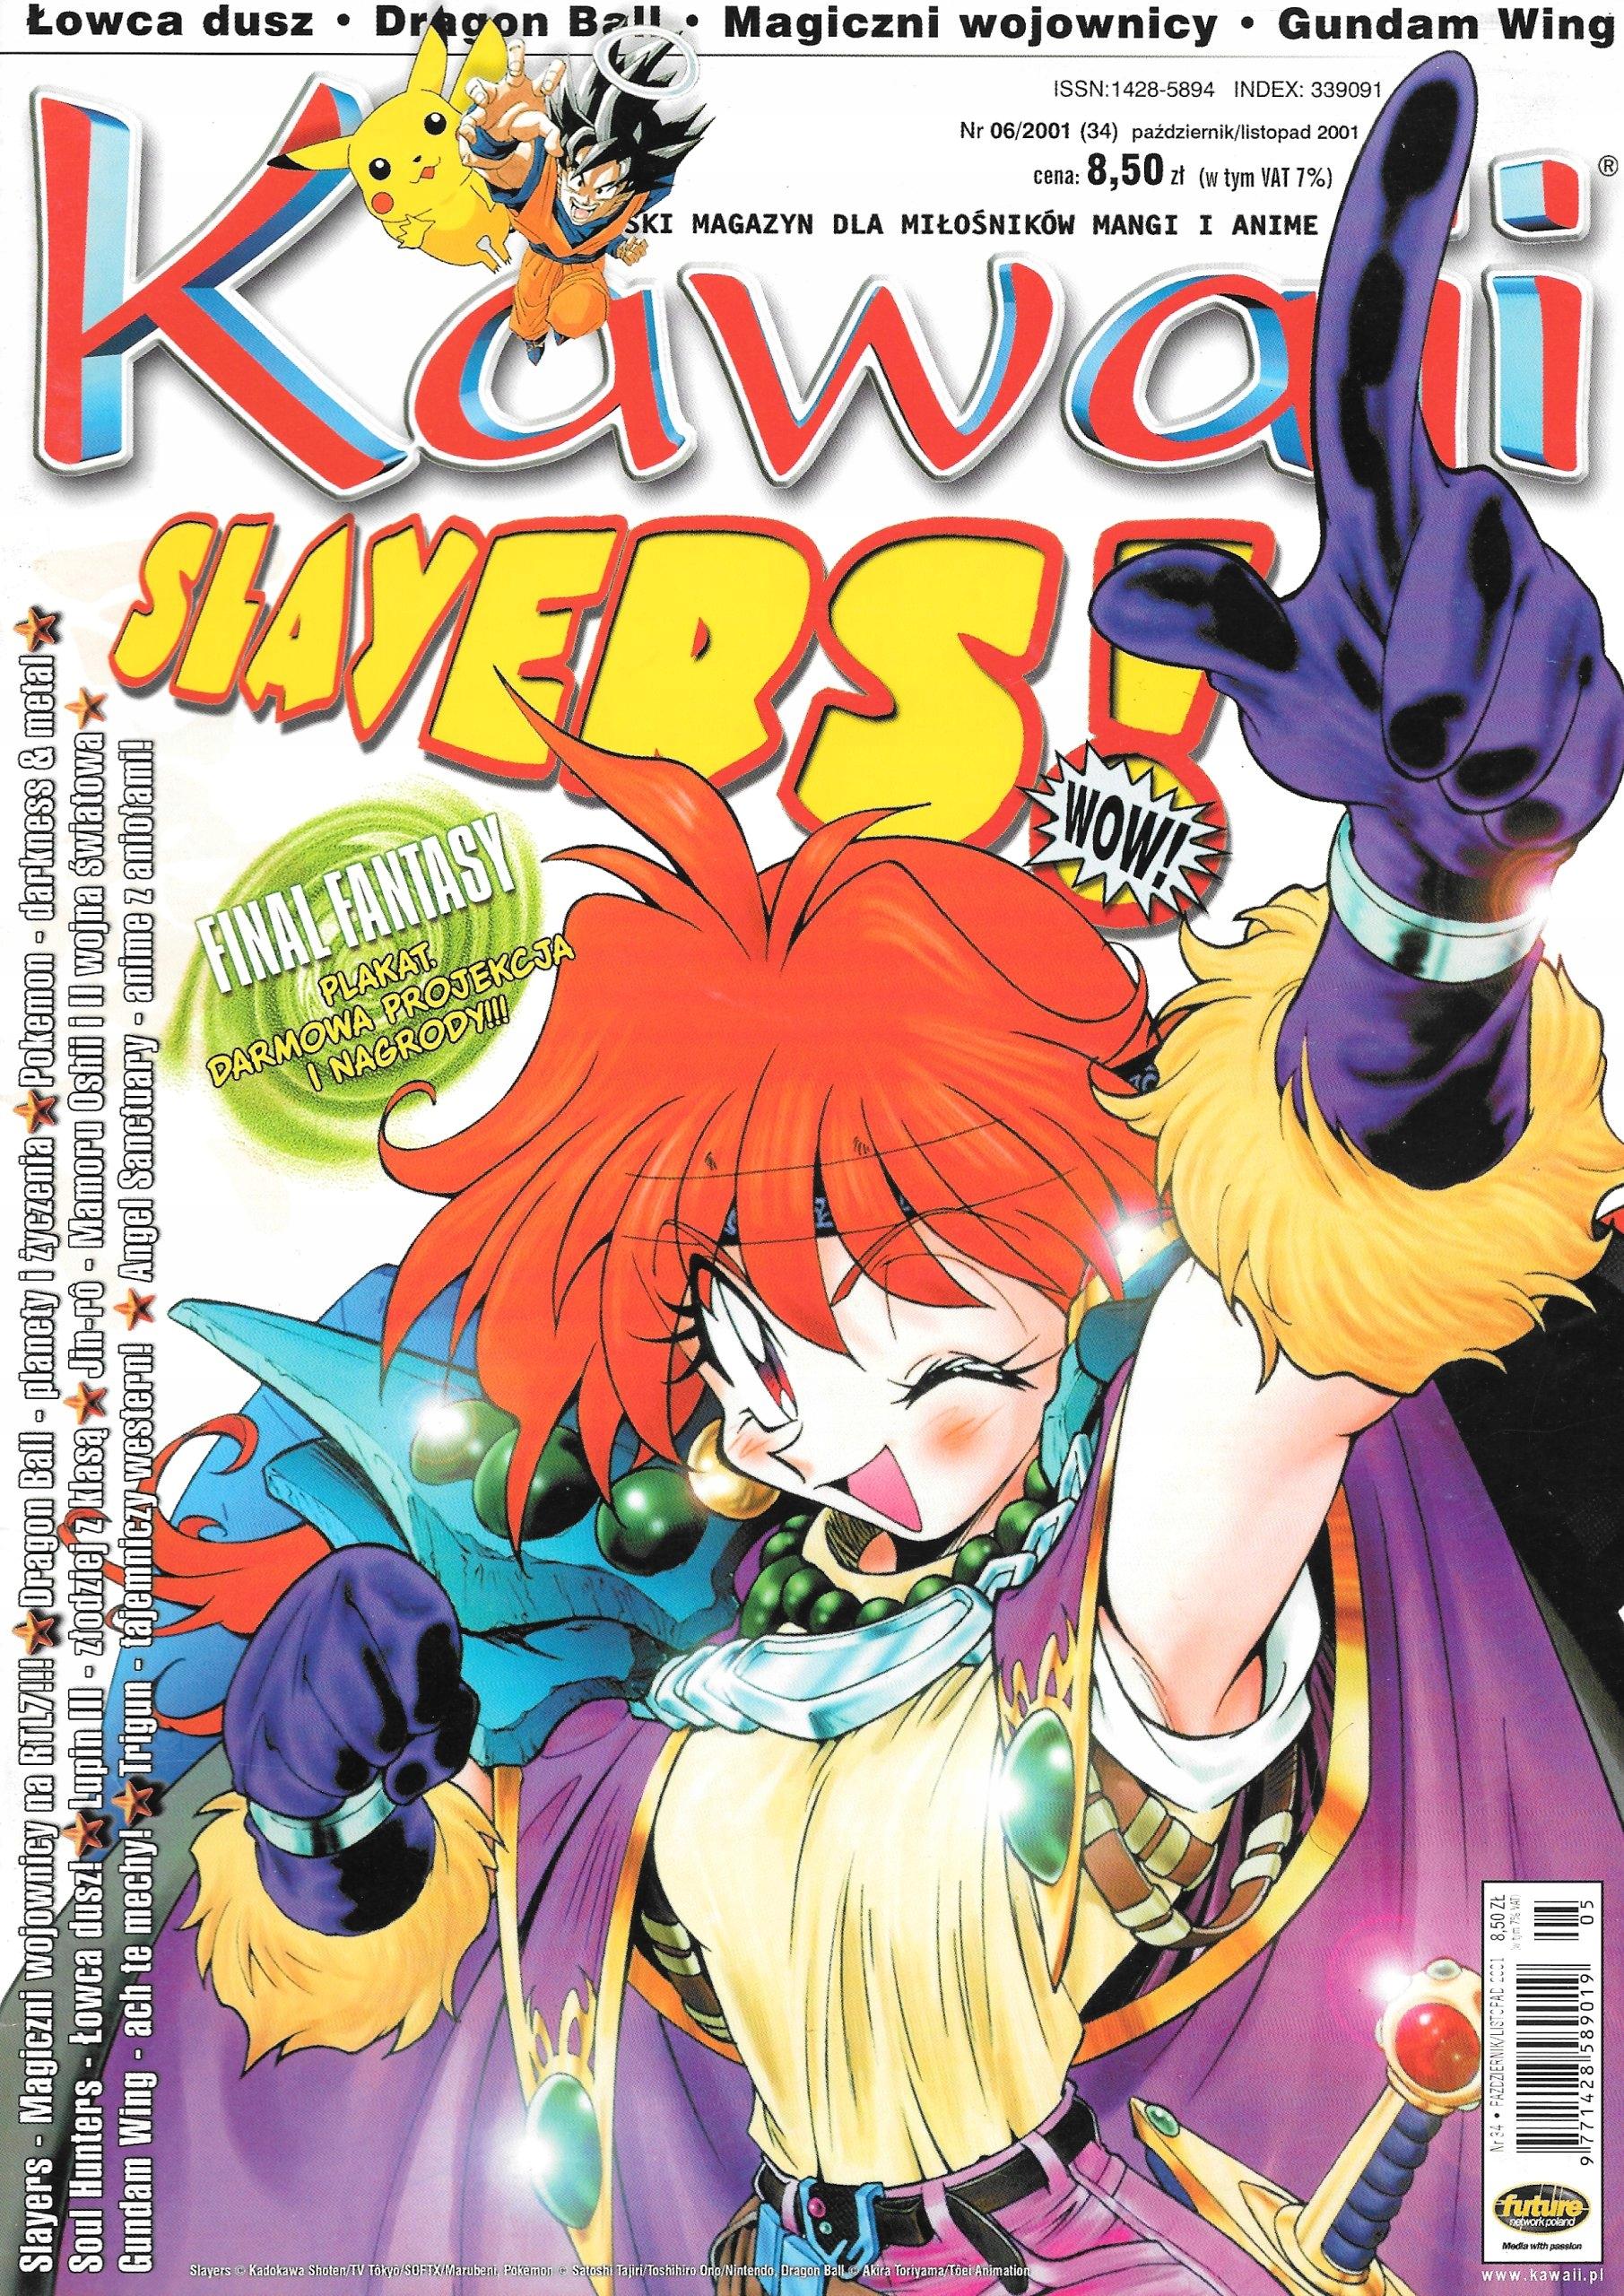 KAWAII 34 06/2001